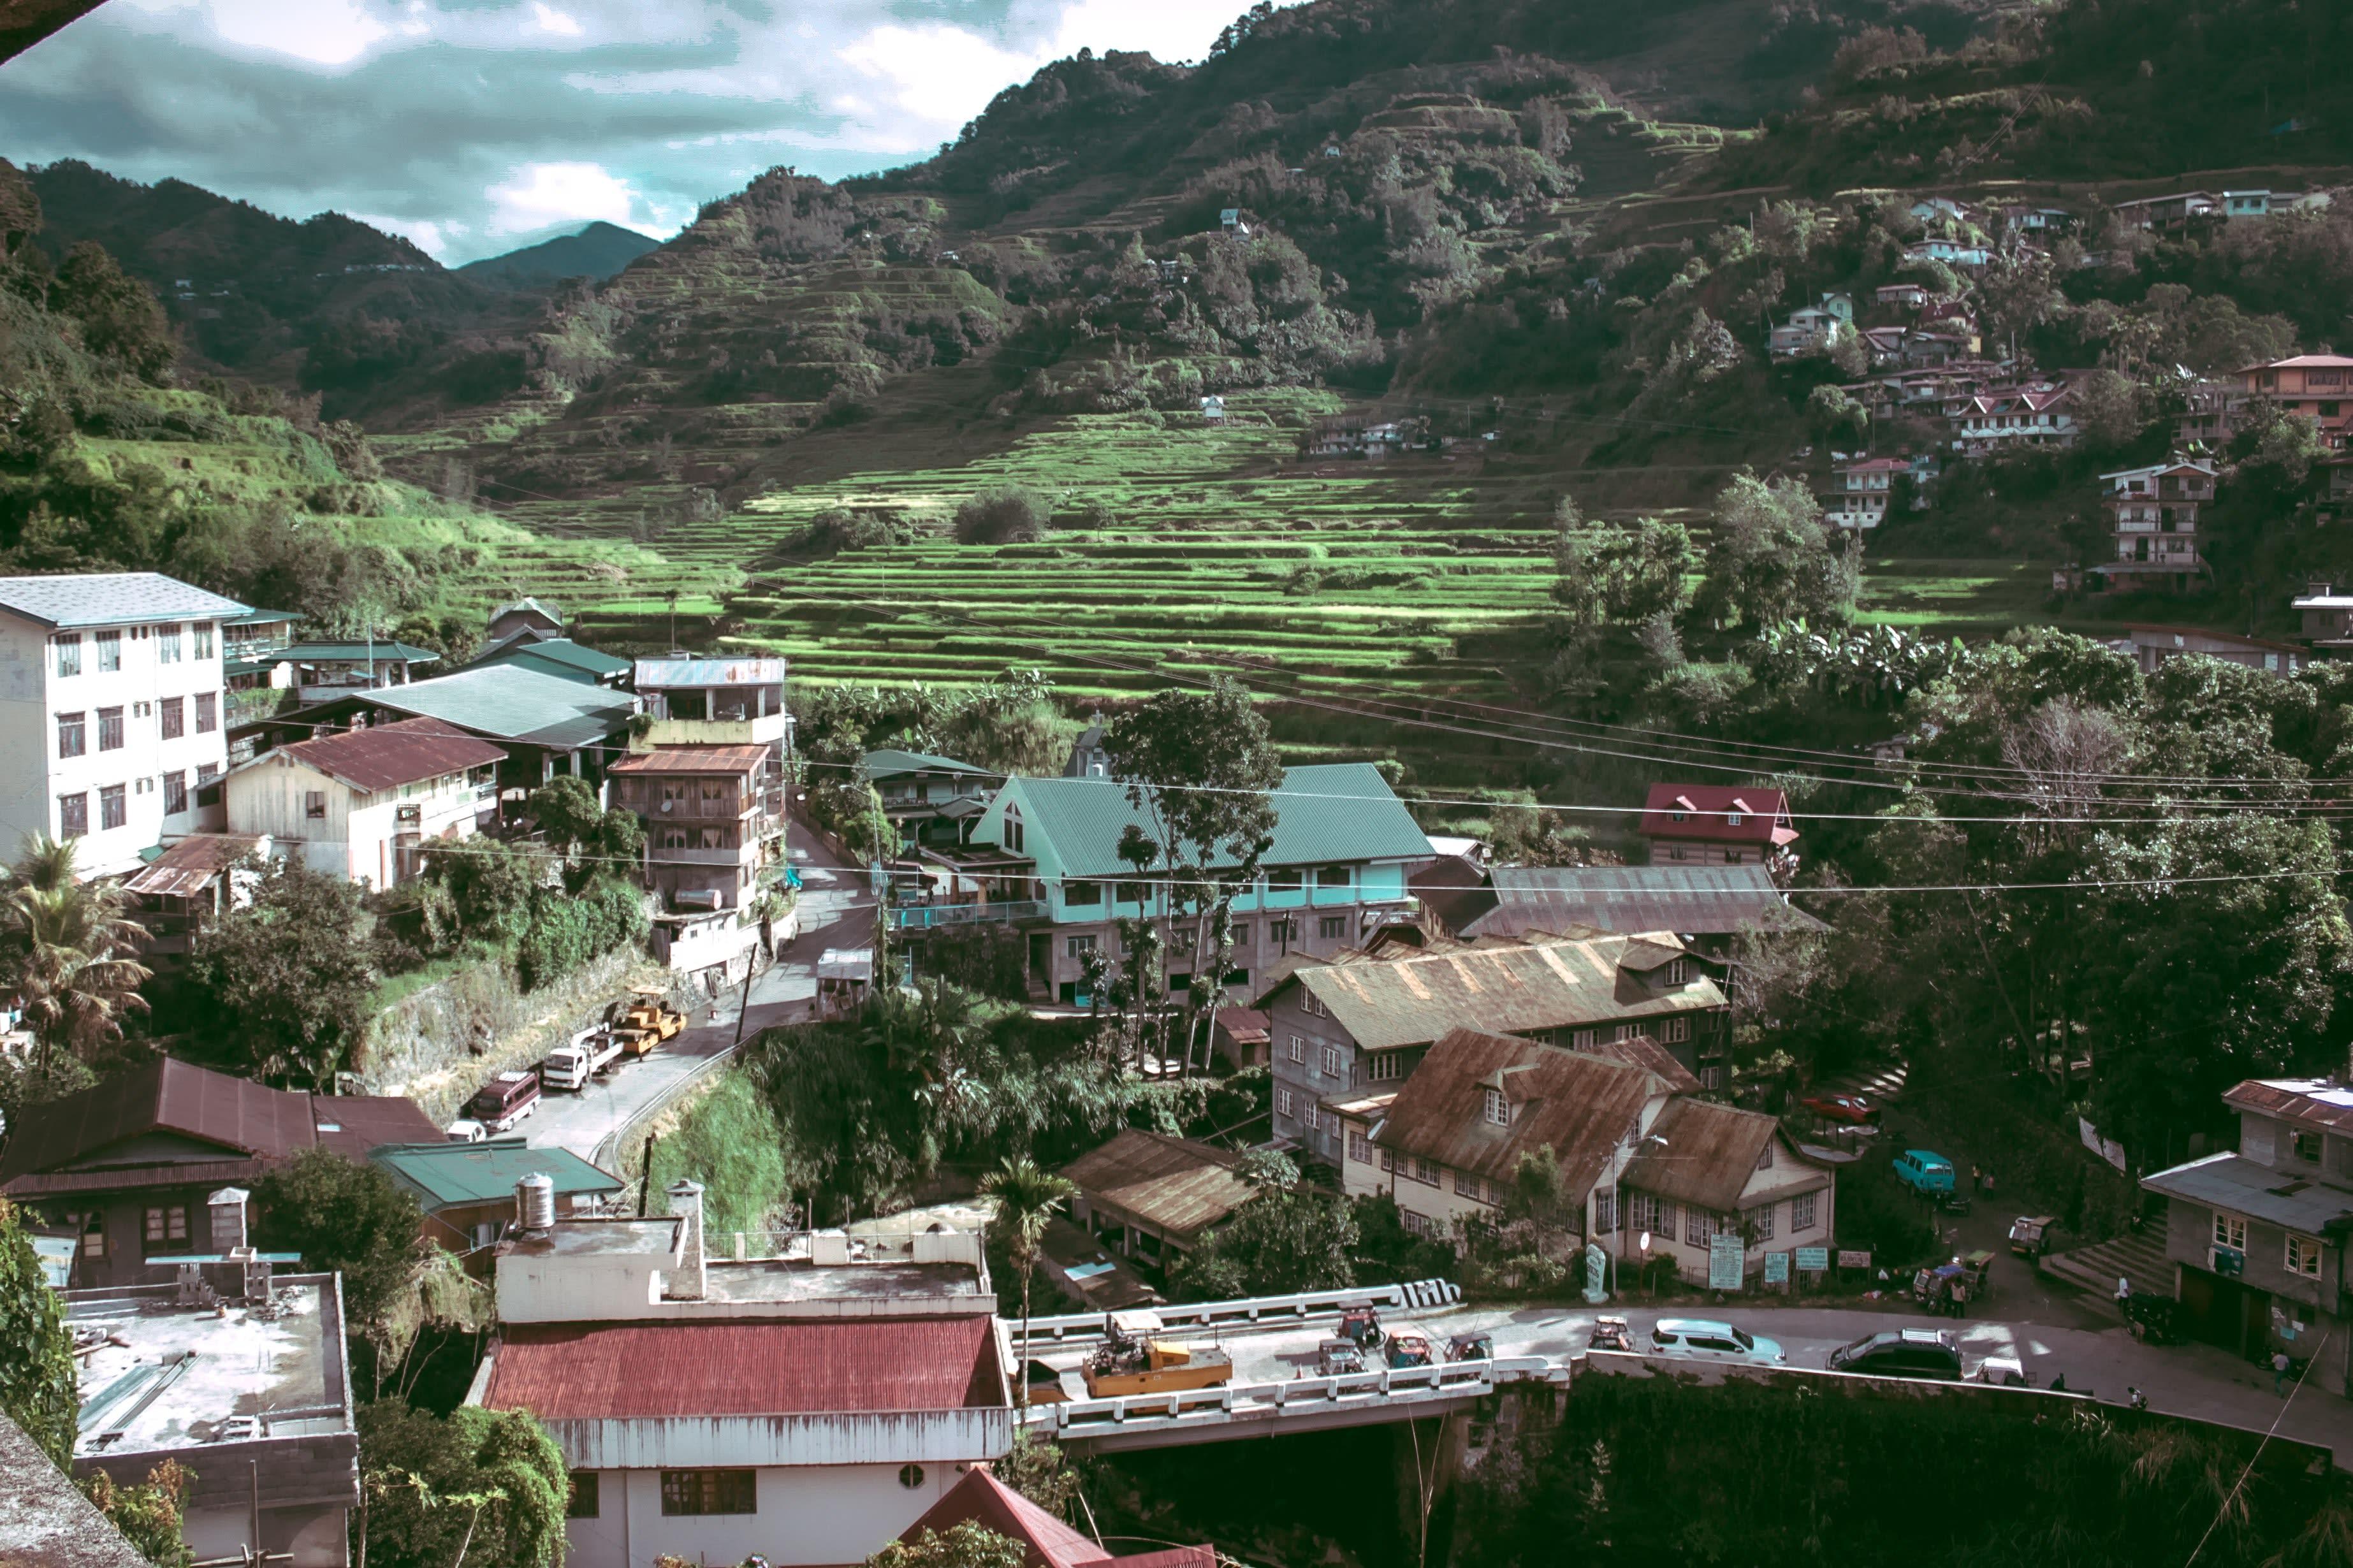 Banaue Green Terraces